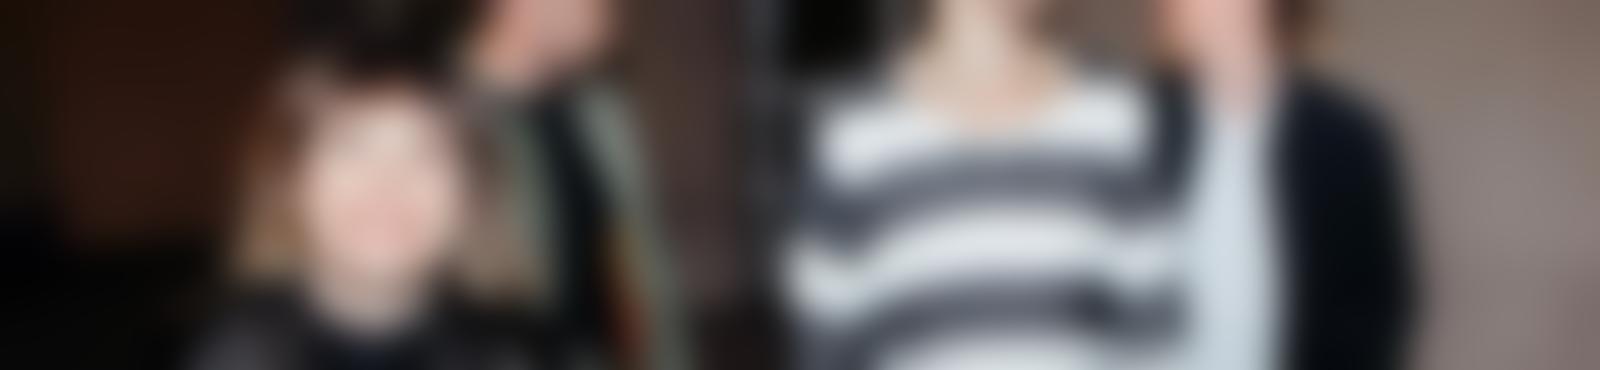 Blurred 284c2d64 7891 486a a69c a916b2cbeadb